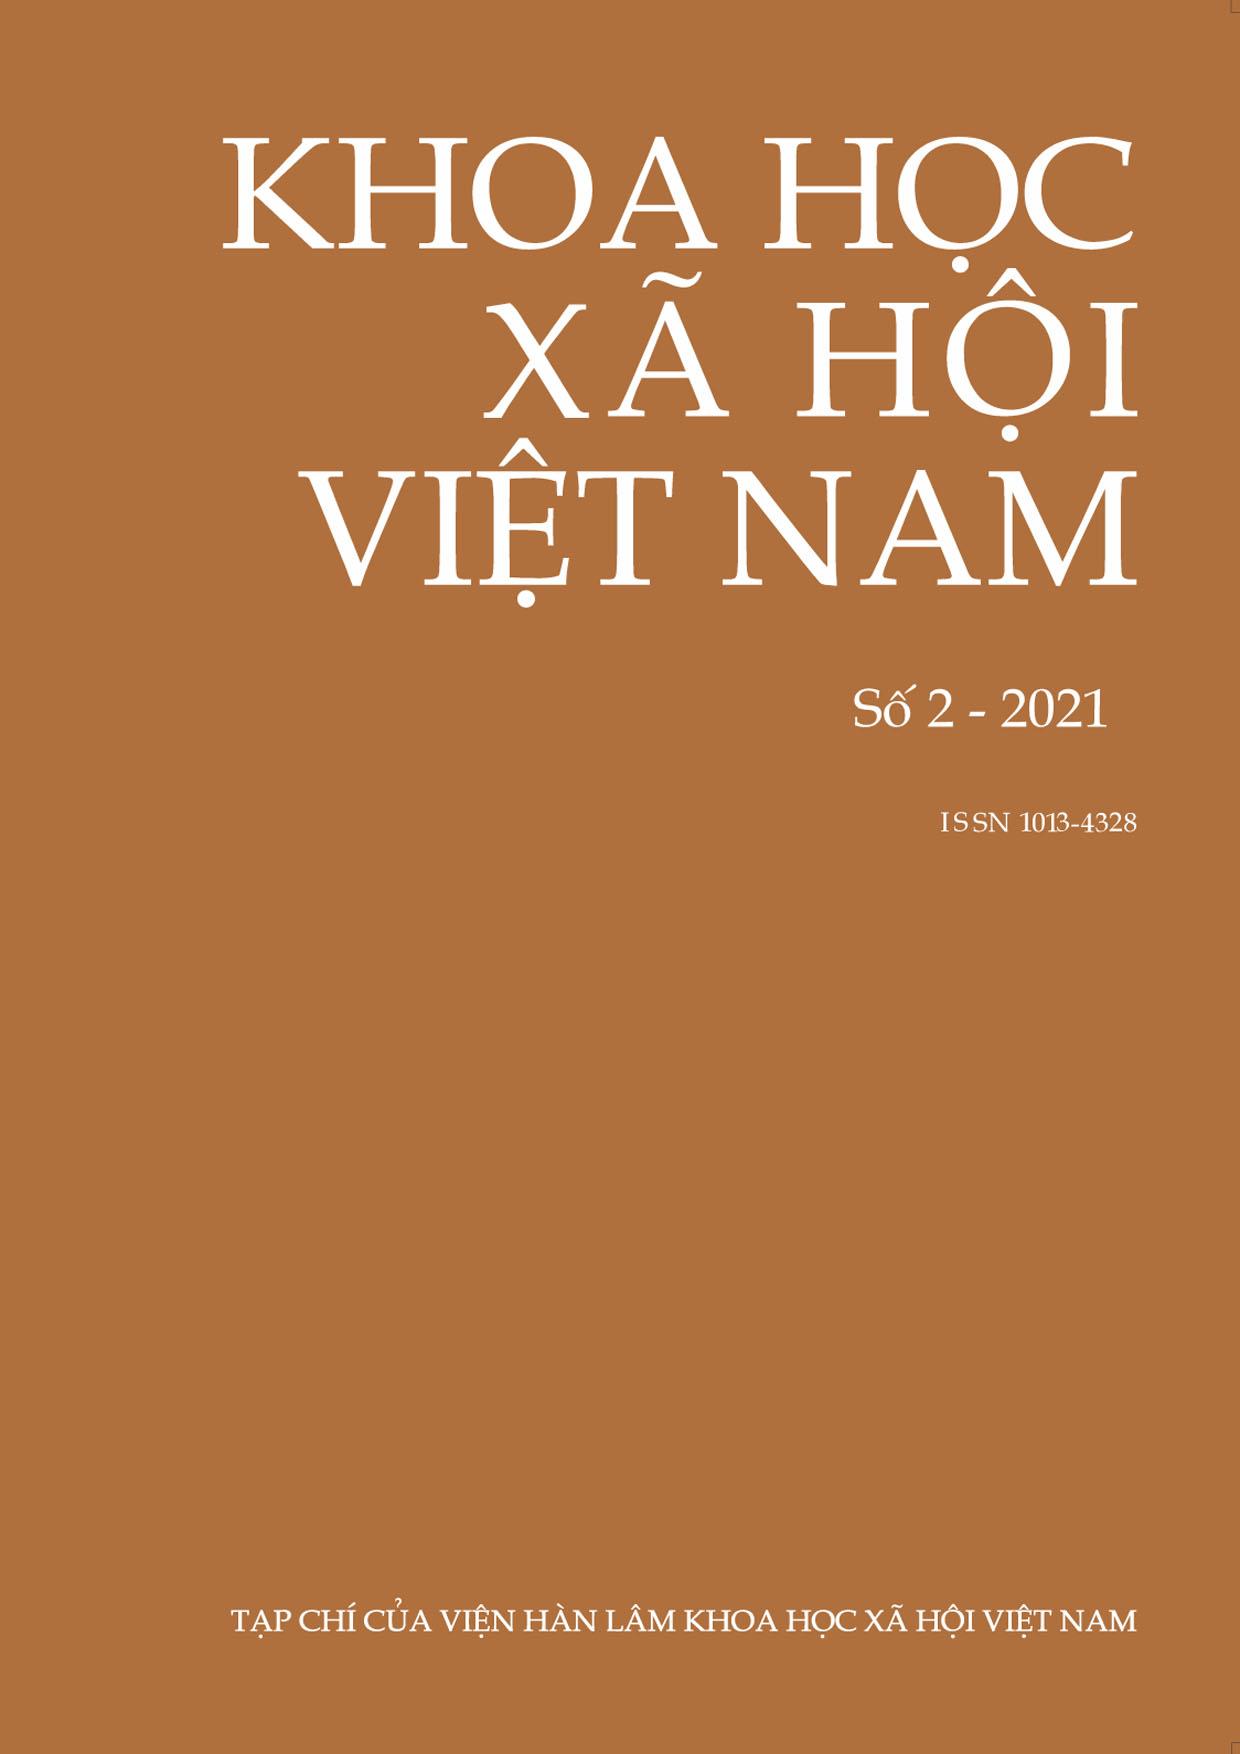 Khoa học xã hội Việt Nam. Số 2 - 2021